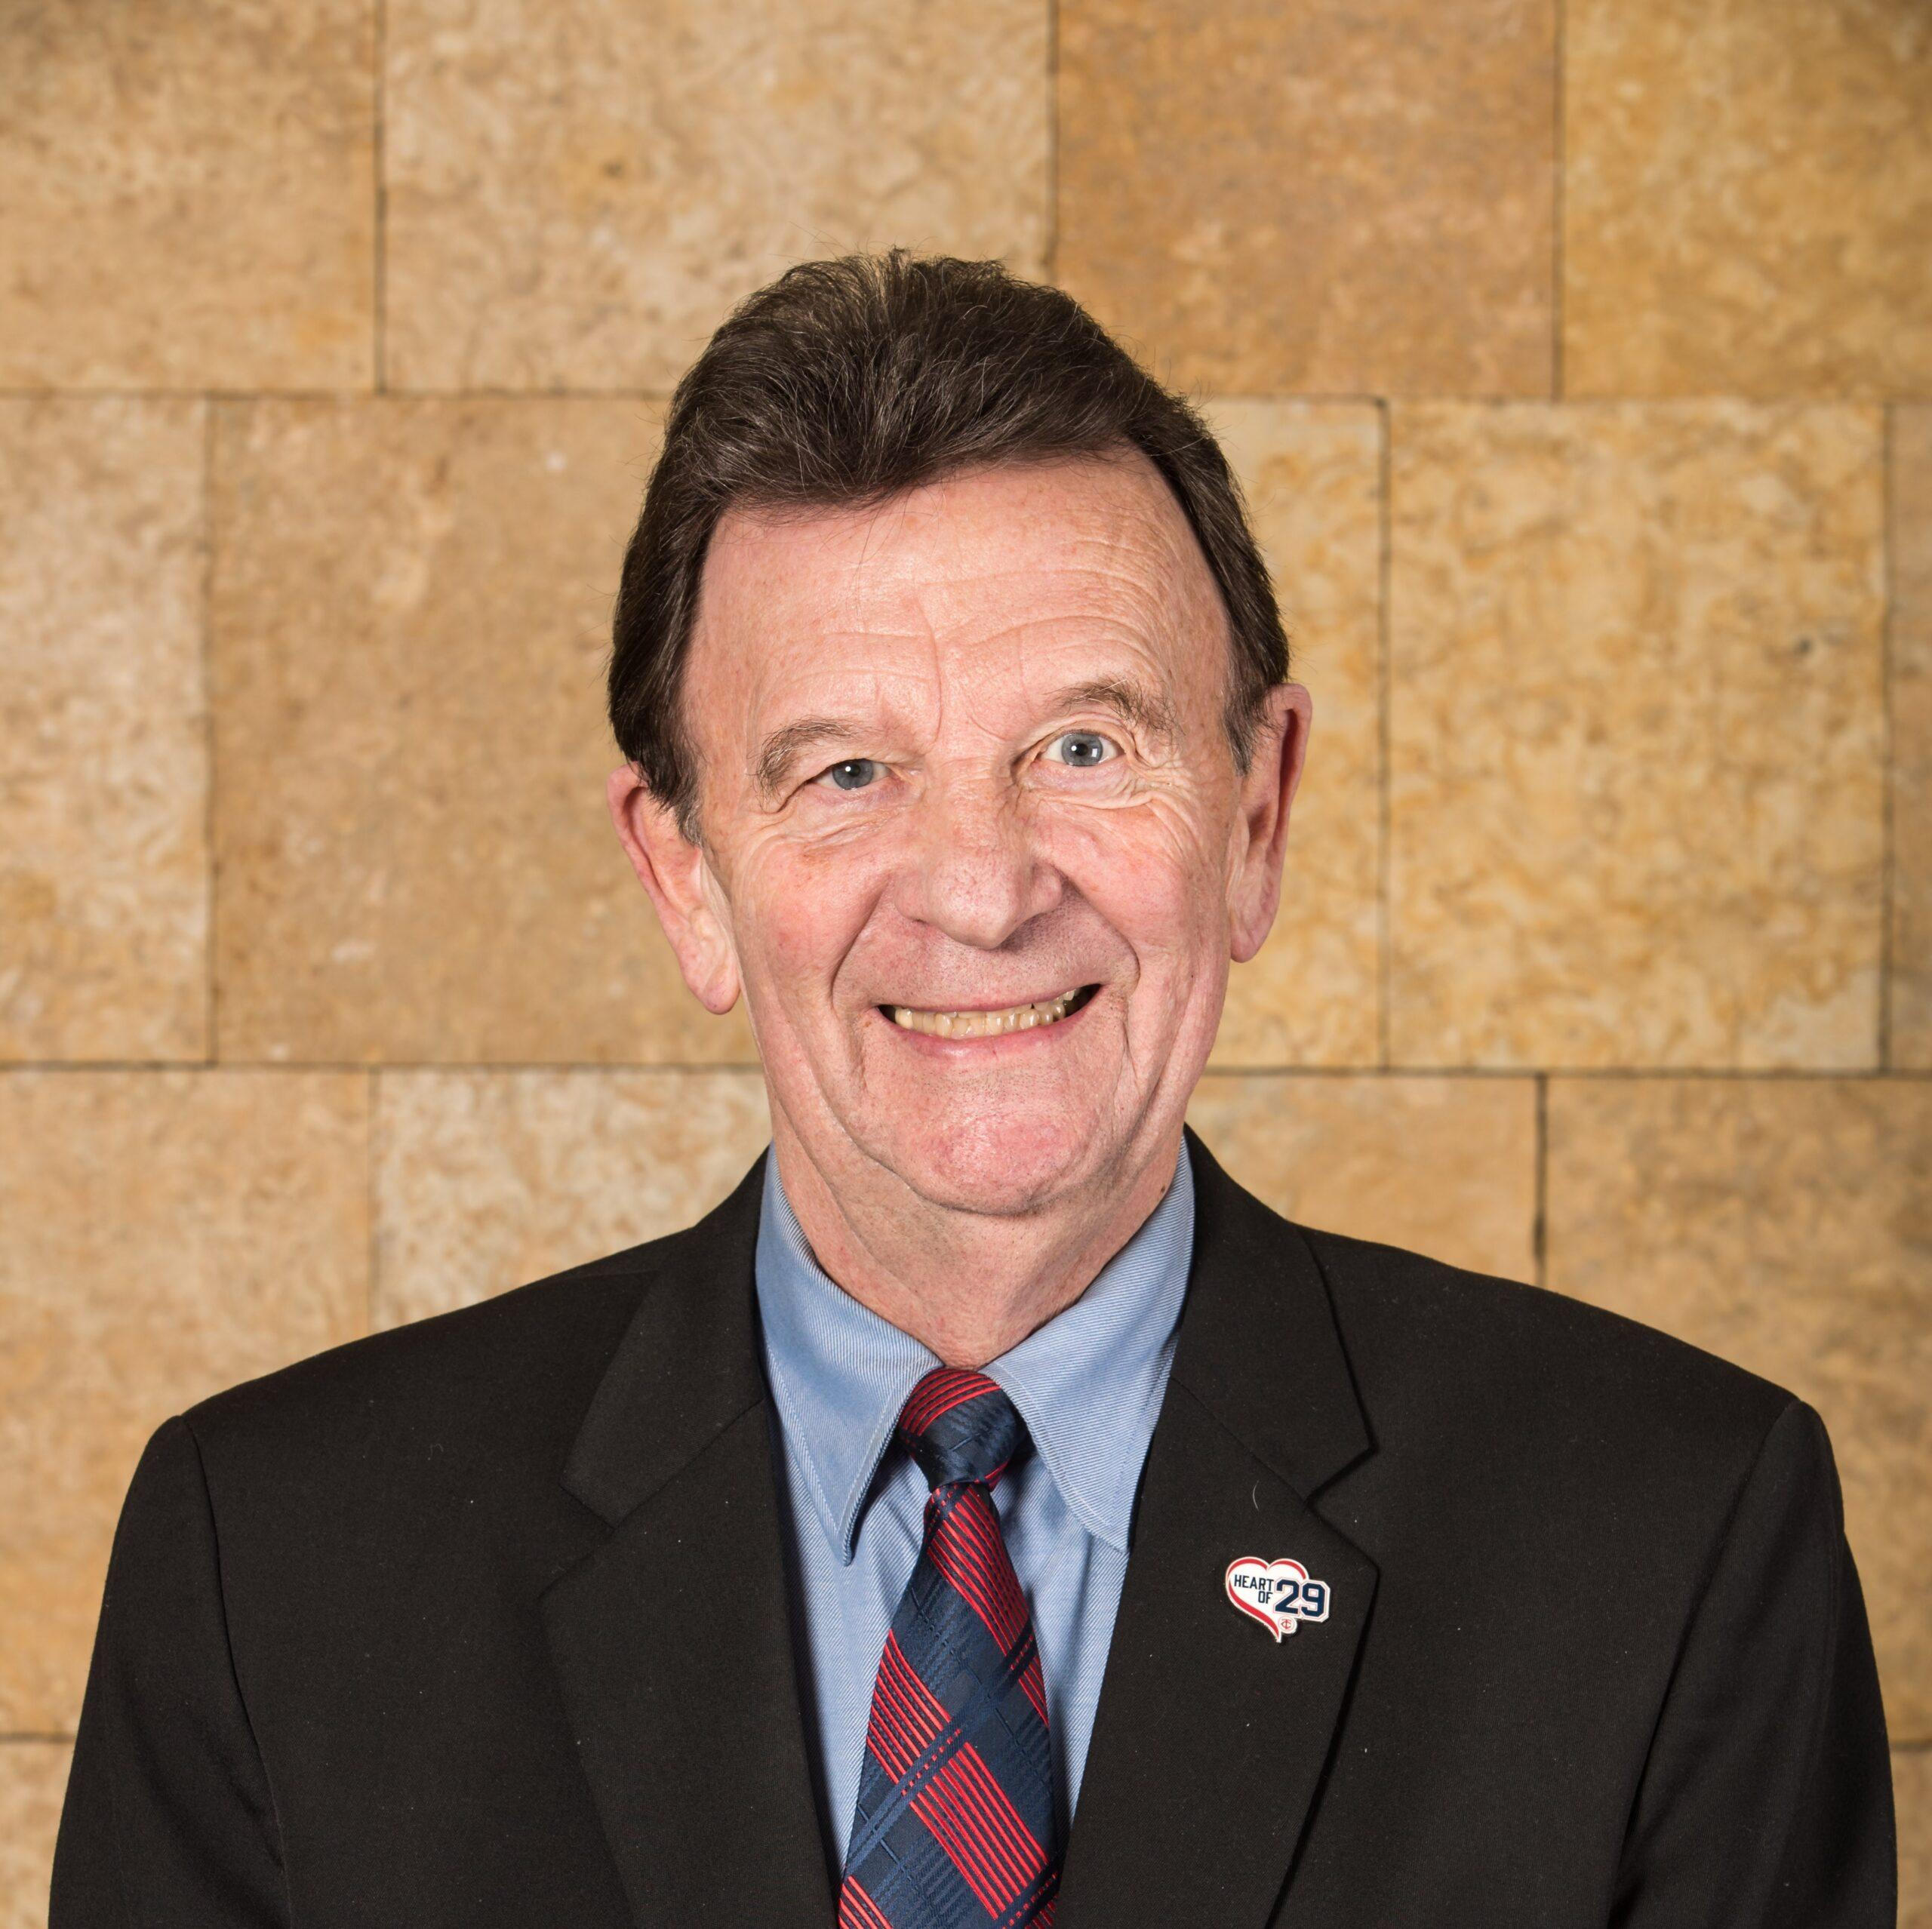 Clyde Doepner, Minnesota Twins